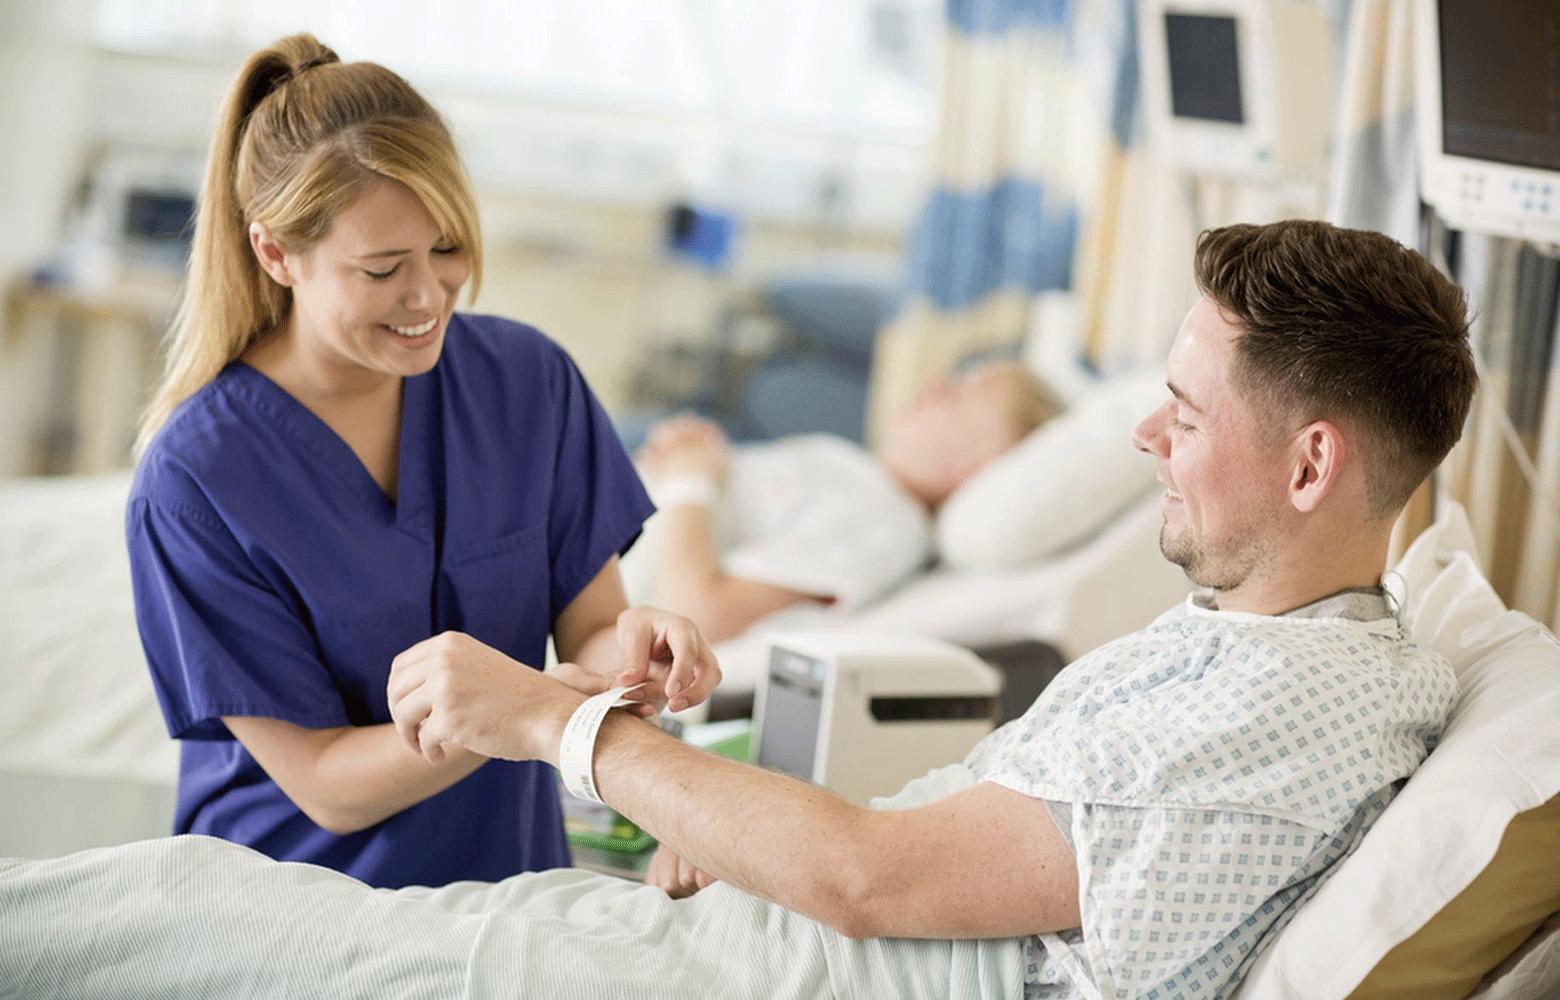 Zdravotní sestra upevňuje identifikační náramek z tiskárny TD na ruku pacienta